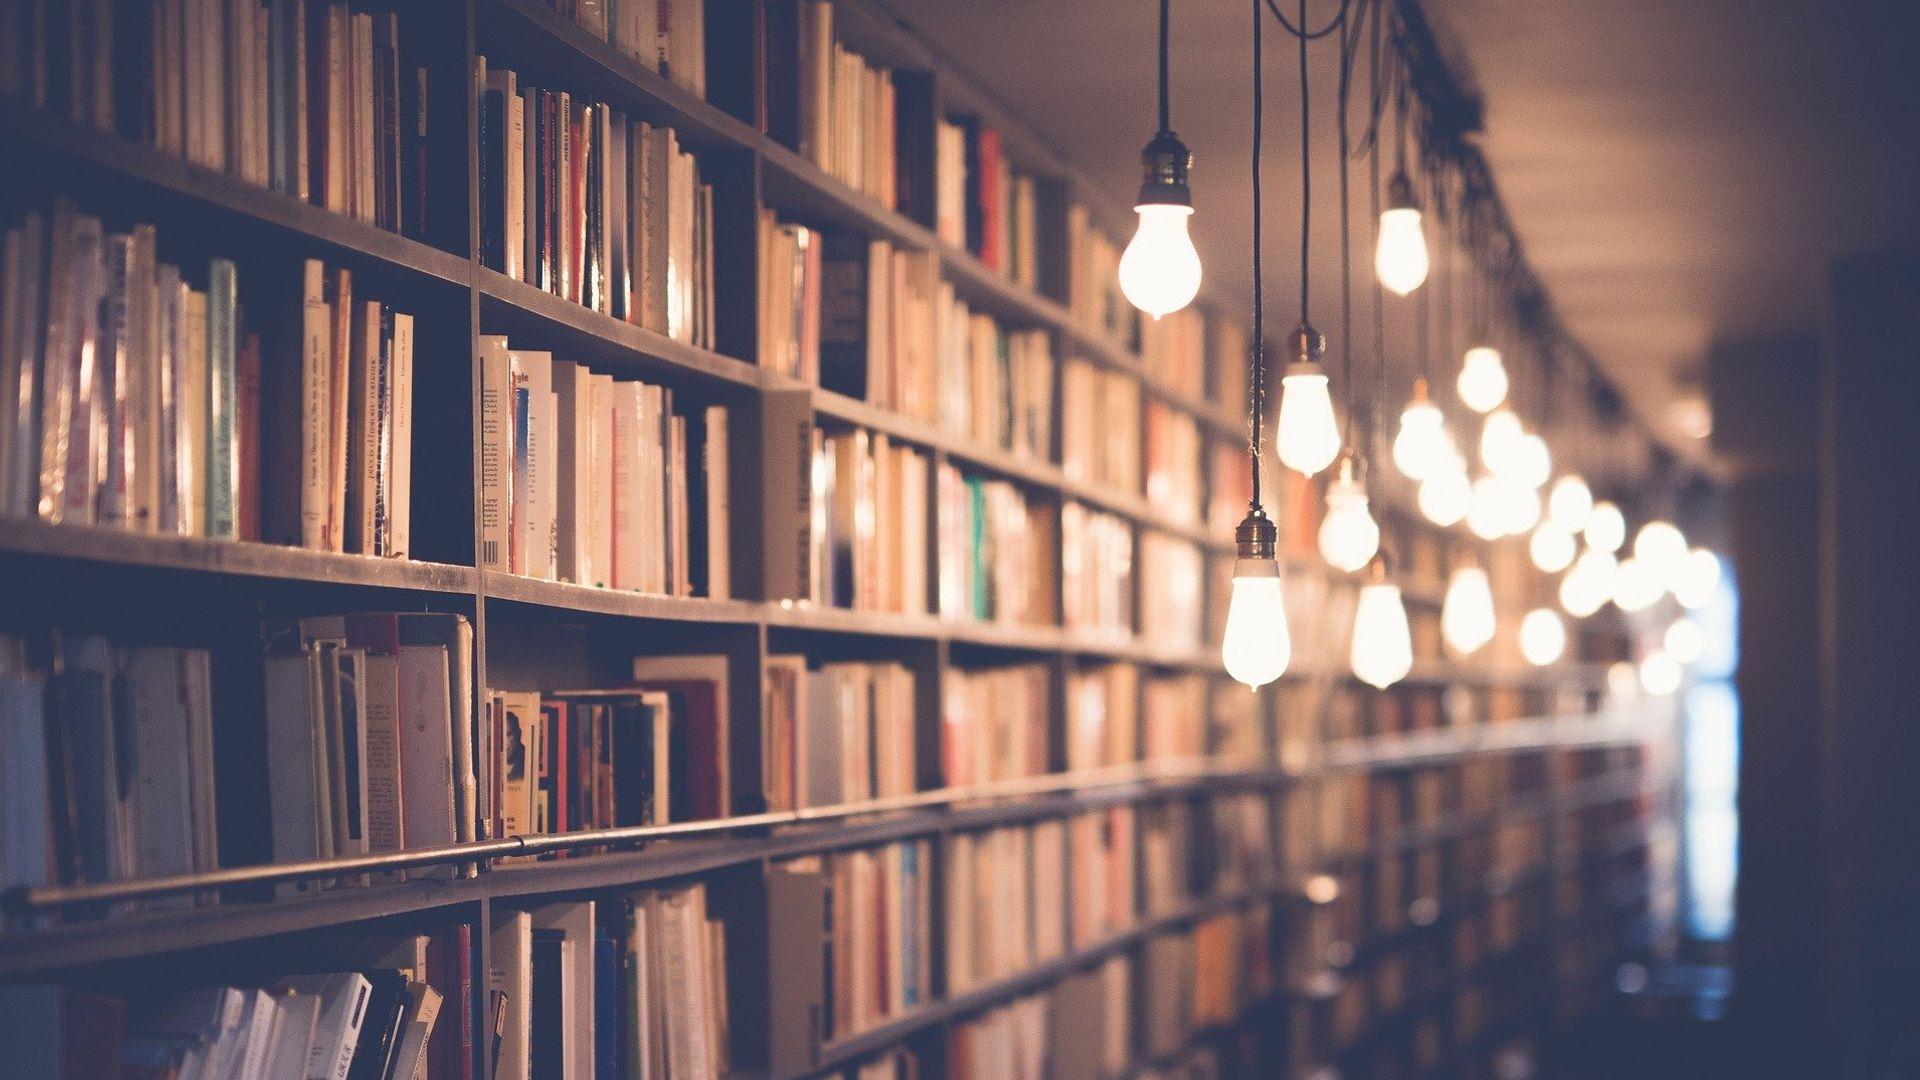 Livros podem ser lidos de muitos modos, seja qual for sua textura, seu cheiro, seu estado, suas cores, seu volume, seu peso (tudo isto está lá, é parte da experiência de nossos sentidos)